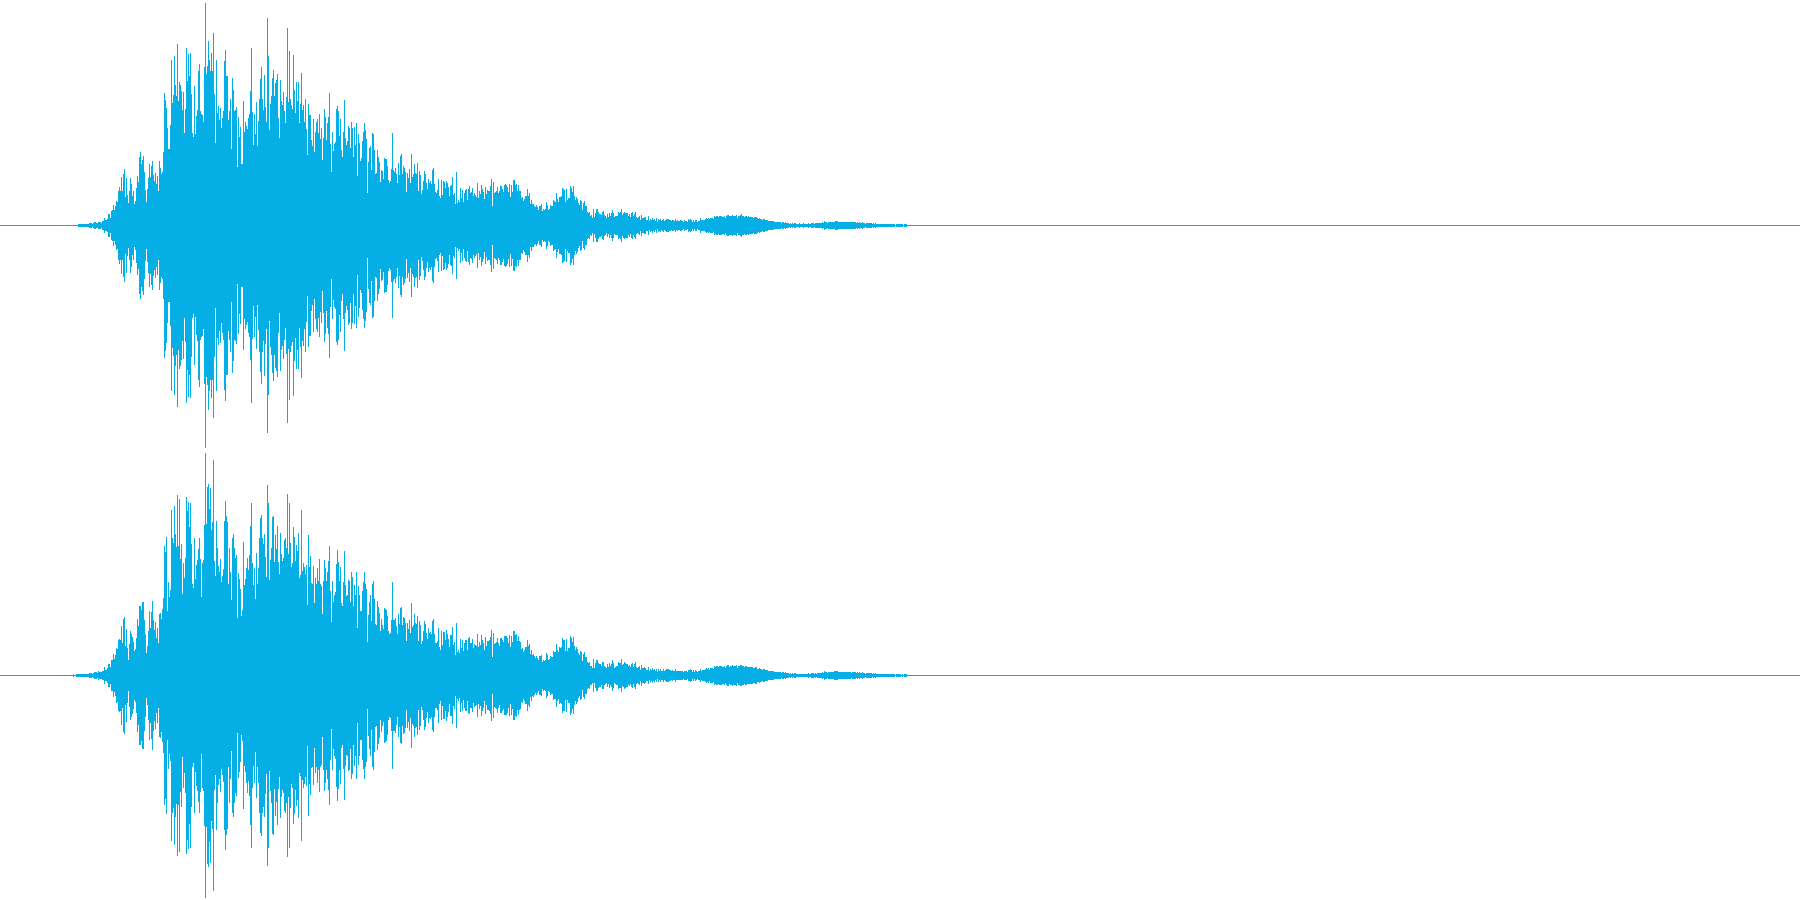 斬撃4の再生済みの波形